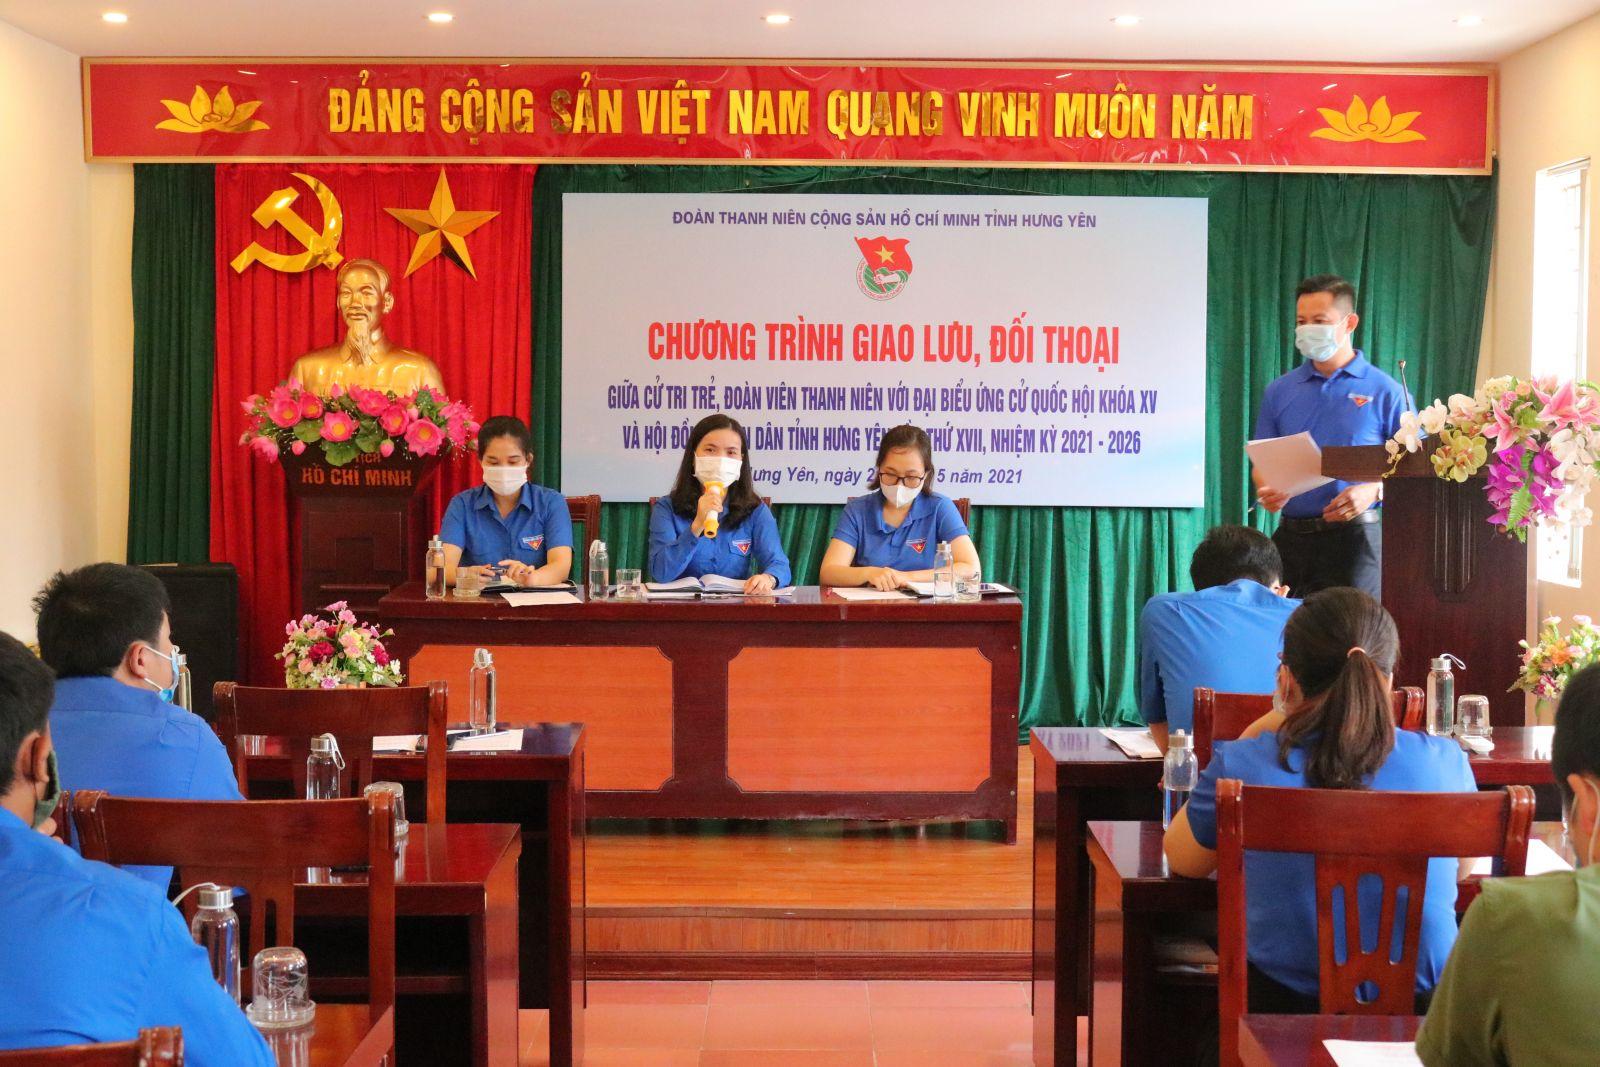 Chương trình Giao lưu, đối thoại giữa cử tri trẻ, đoàn viên thanh niên với người ứng cử đại biểu Quốc hội khóa XV và Hội đồng nhân dân tỉnh Hưng Yên khóa XVII, nhiệm kỳ 2021 – 2026.